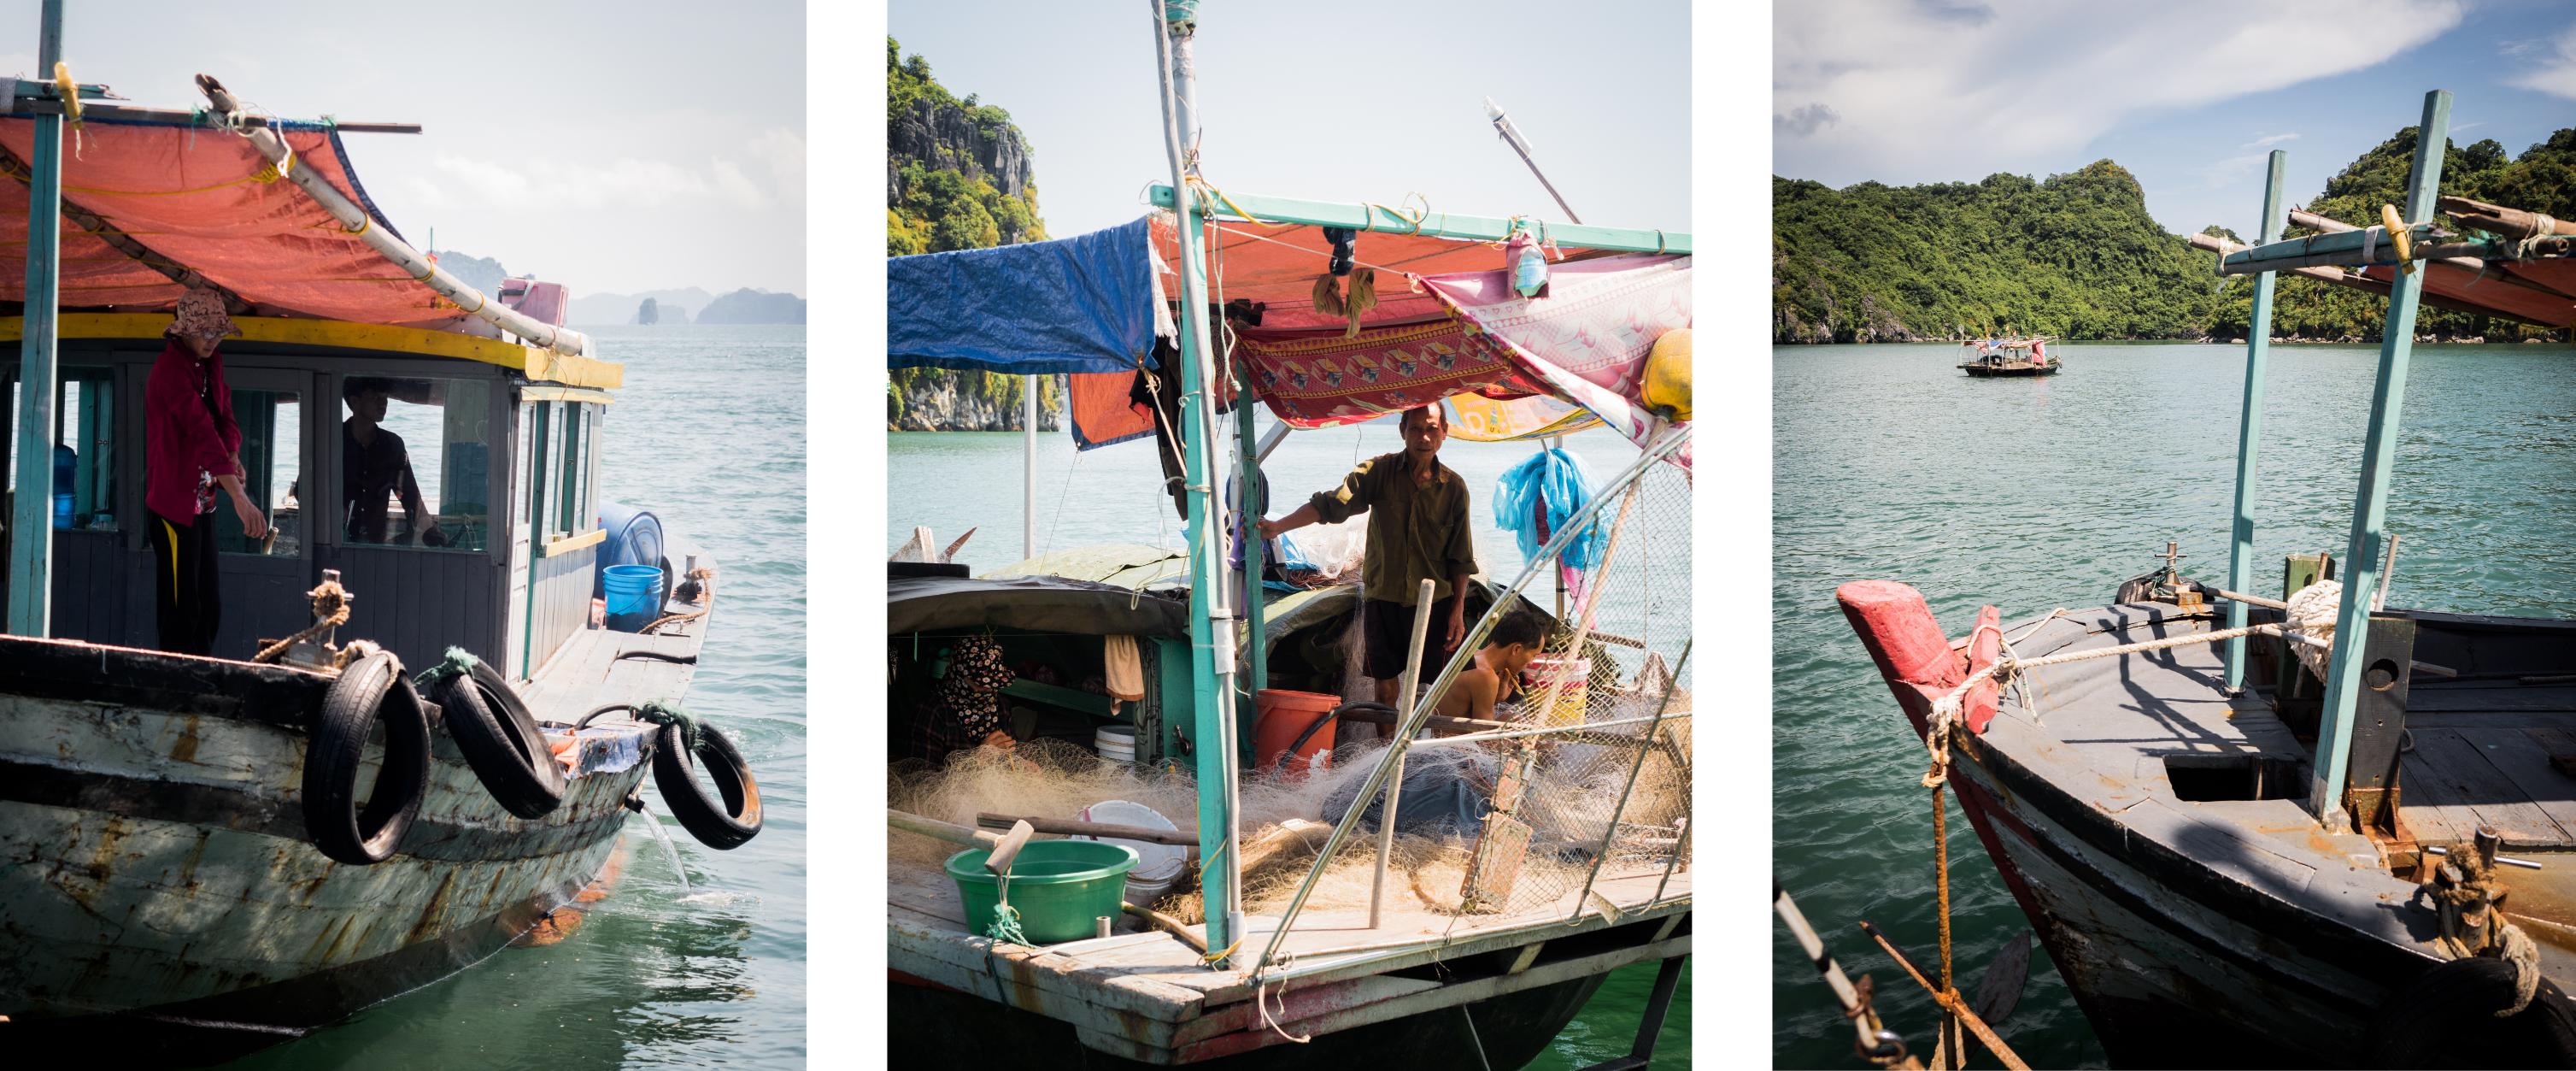 pêcher dans la baie d'halong -vietnam